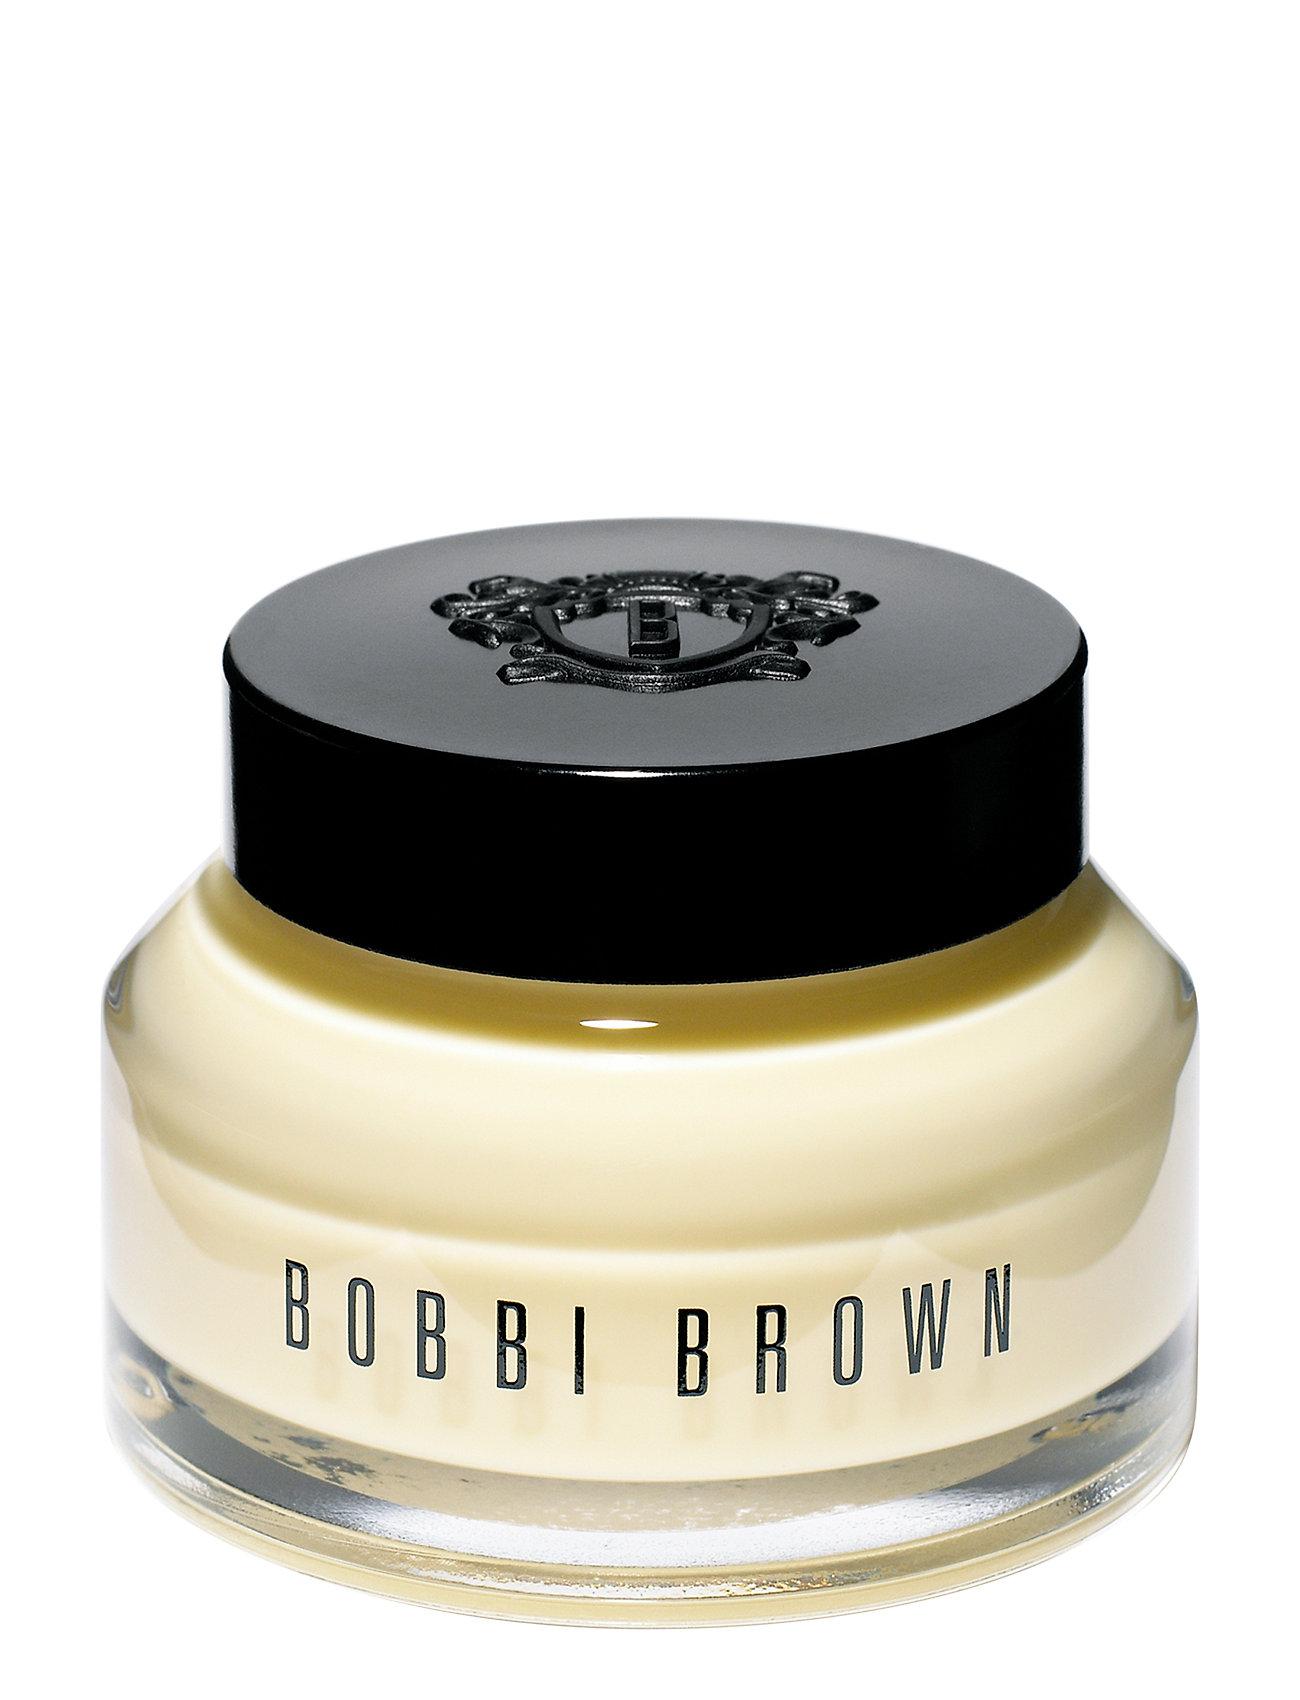 bobbi brown Vitamin enriched face base på boozt.com dk